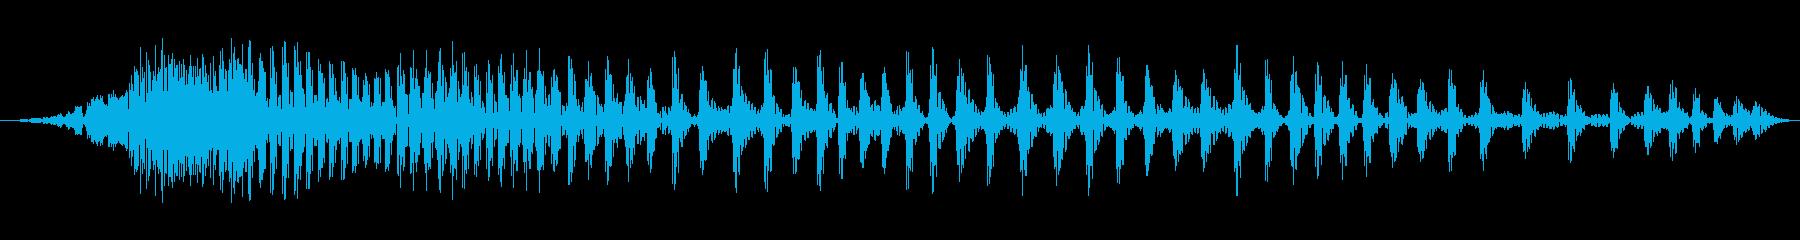 ぐぅ〜(お腹が鳴る音) の再生済みの波形